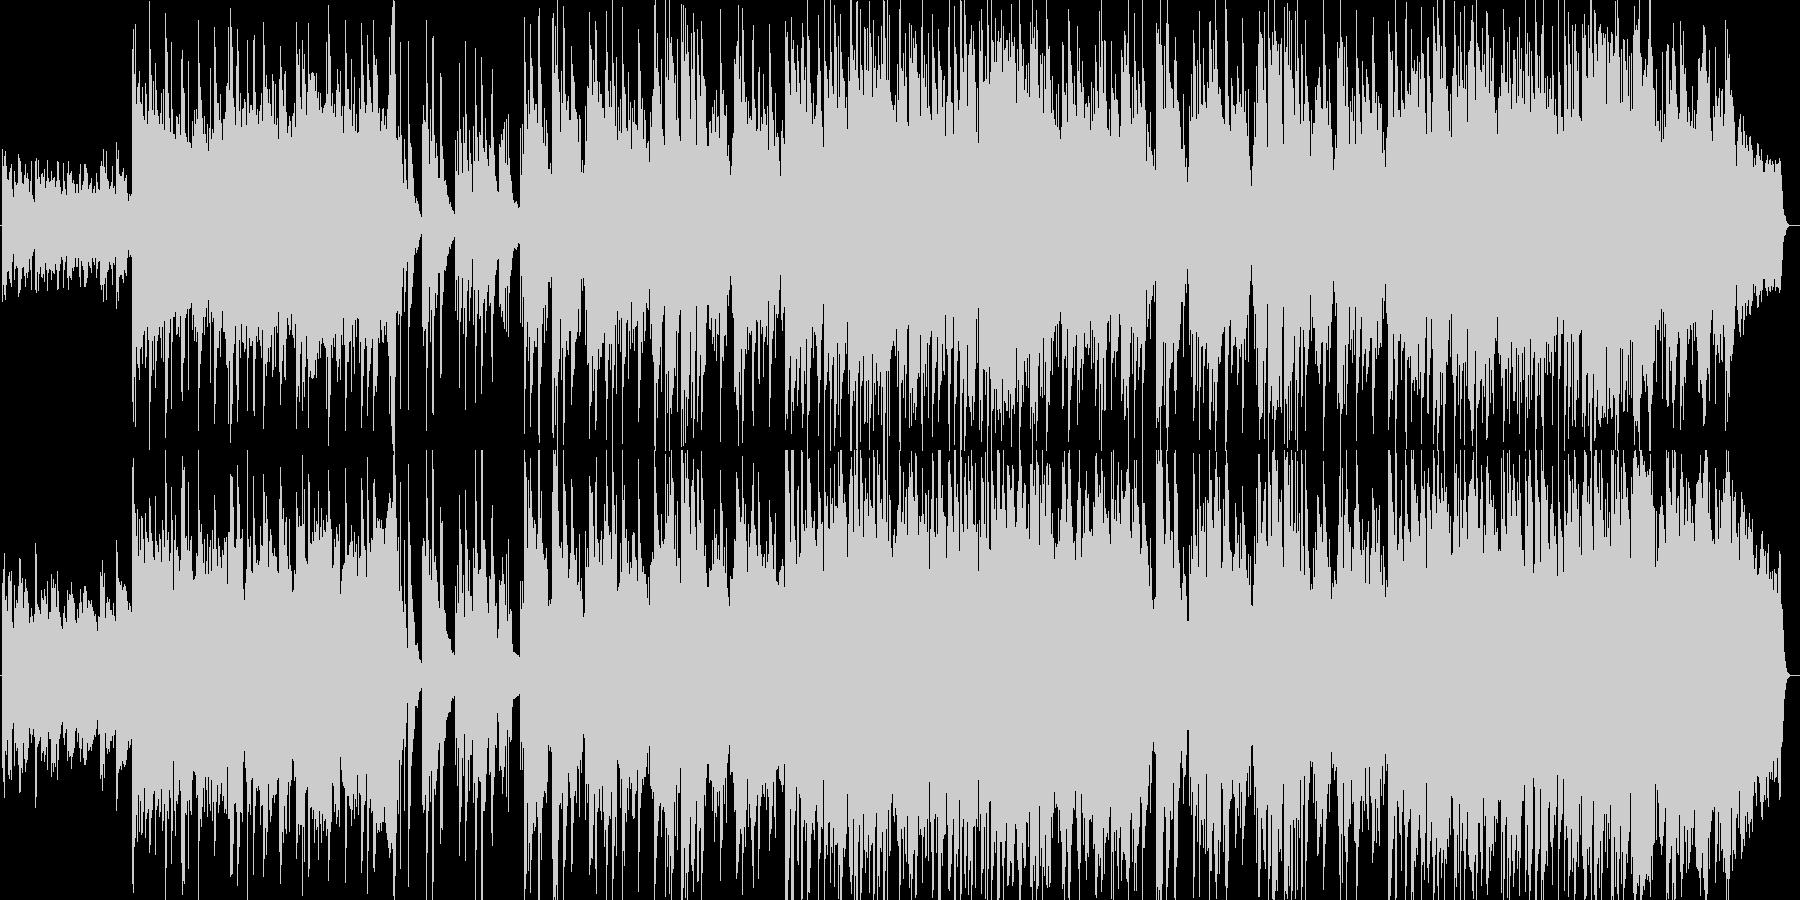 一人の夜シンセサイザー系サウンドの未再生の波形